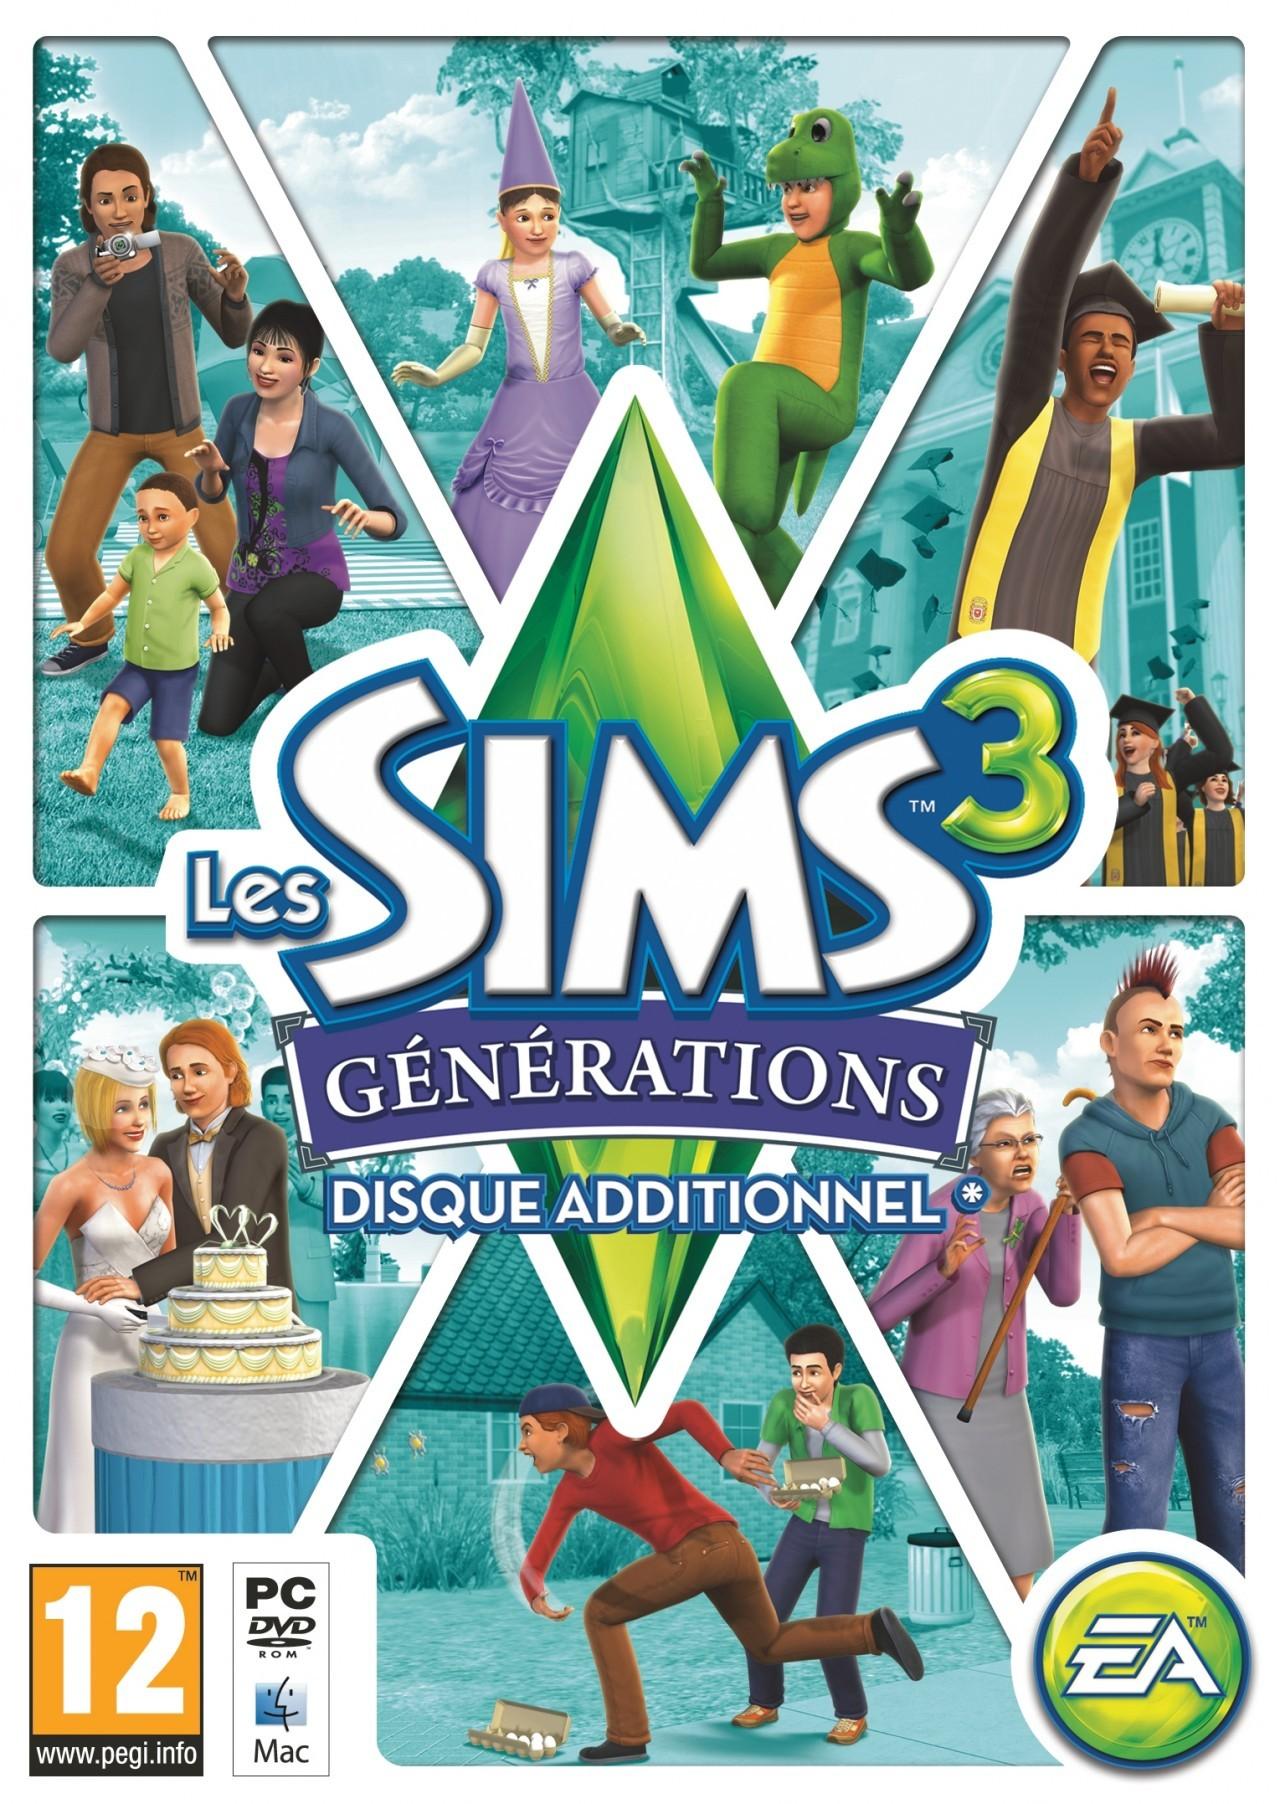 jeux de sims